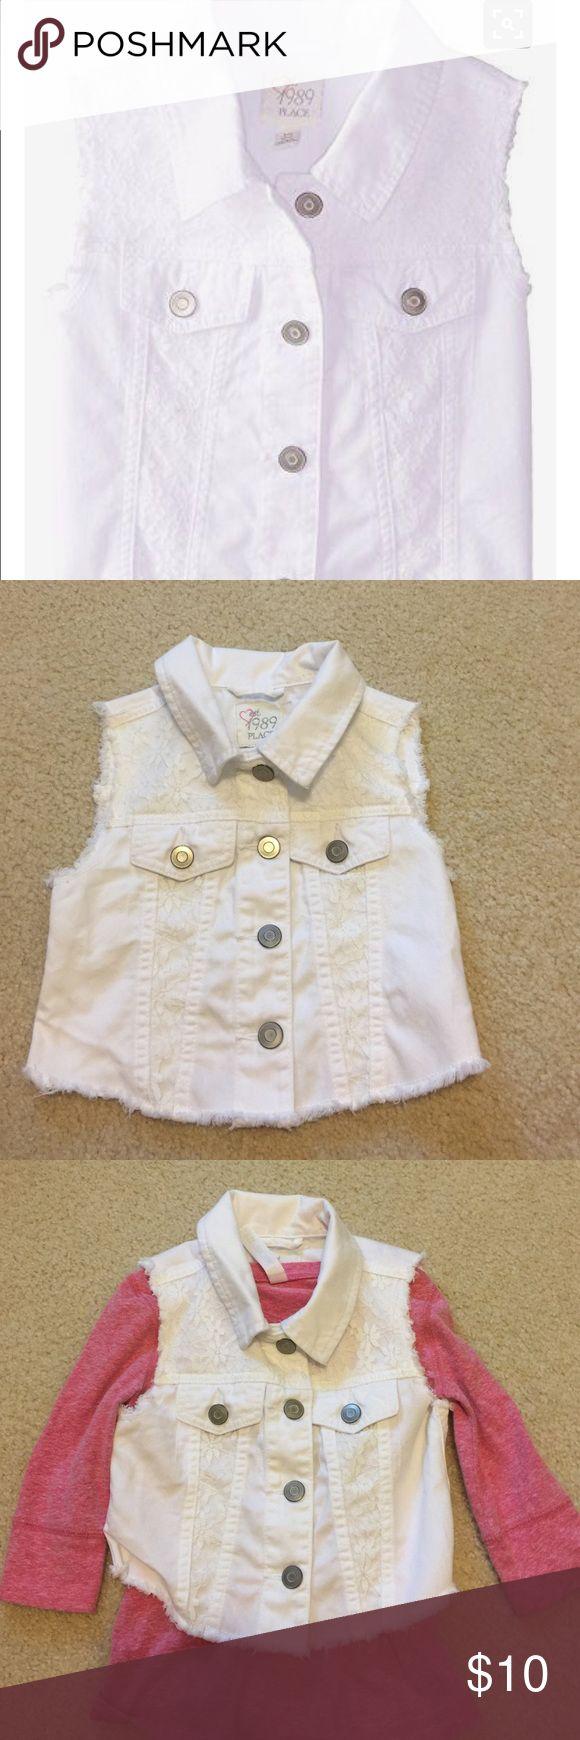 Children's Place white denim vest w/ lace detail. Super cute. EUC. Nonstains or flaws. Size small5/6 Children's Place Jackets & Coats Vests